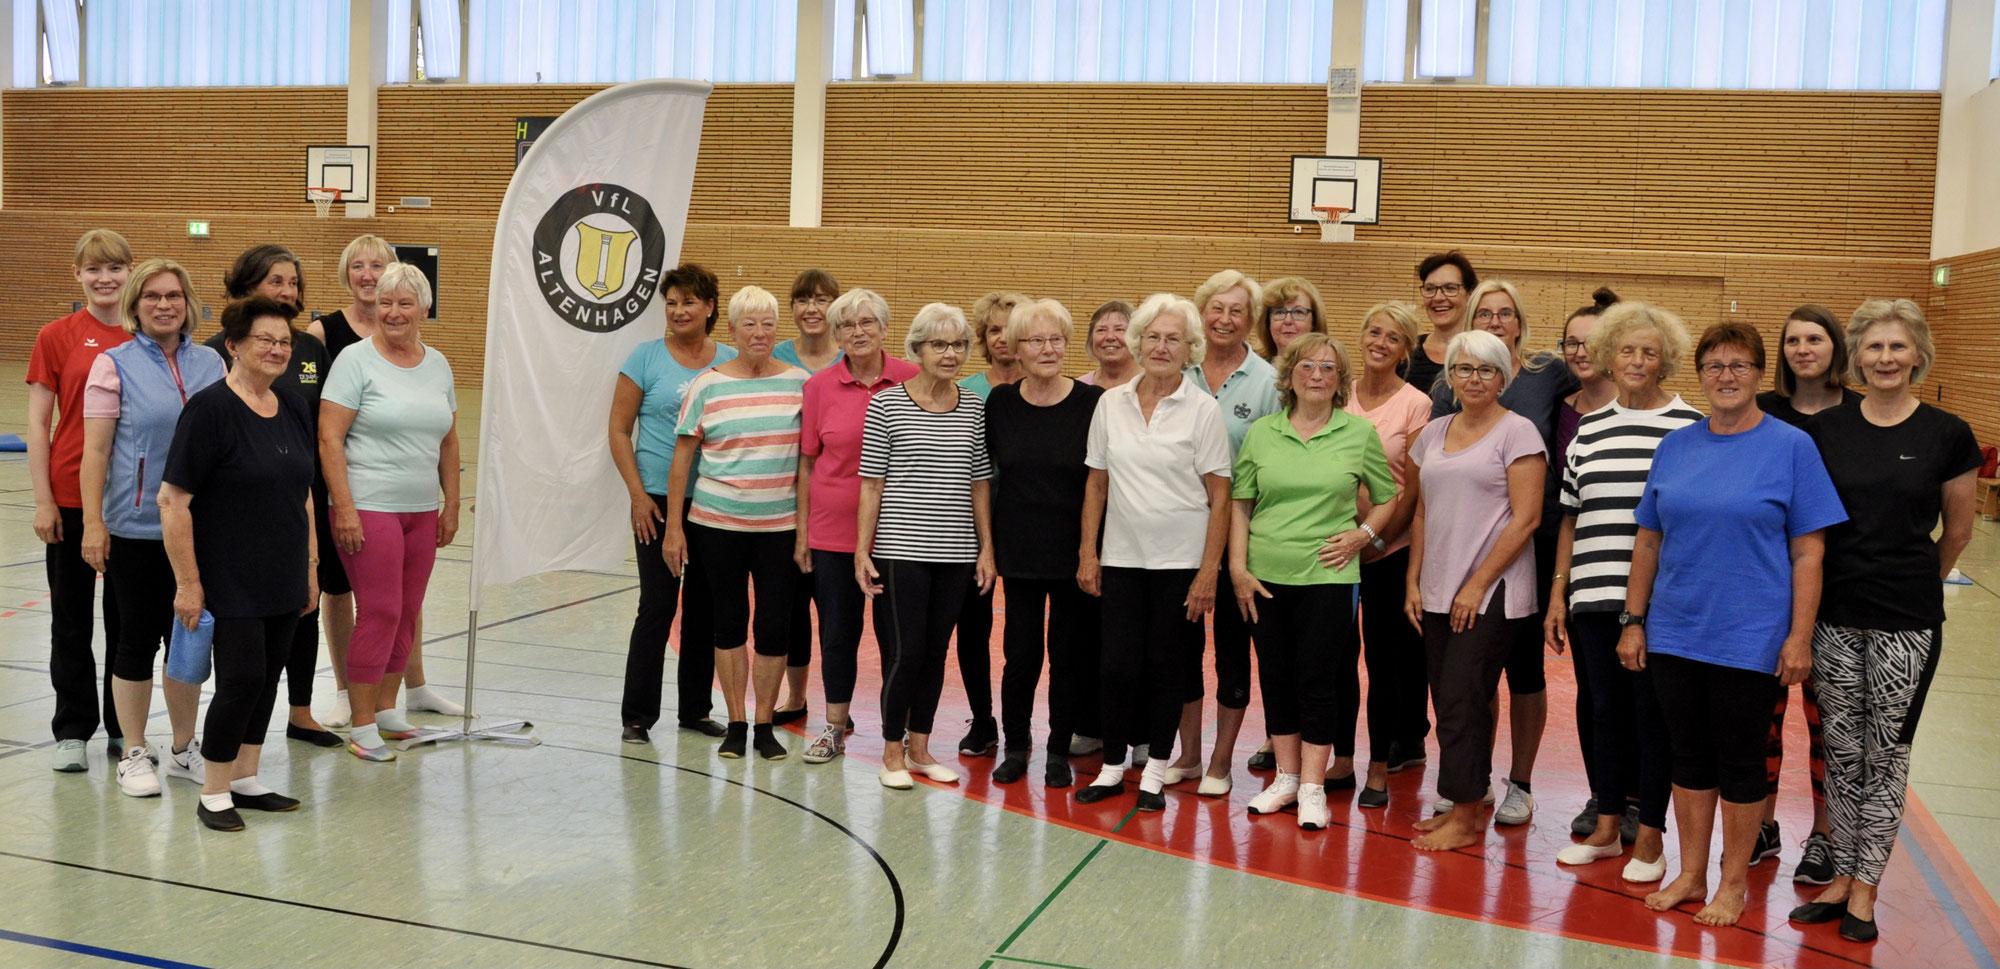 50 Jahre Damengymnastik / Fitness für Frauen